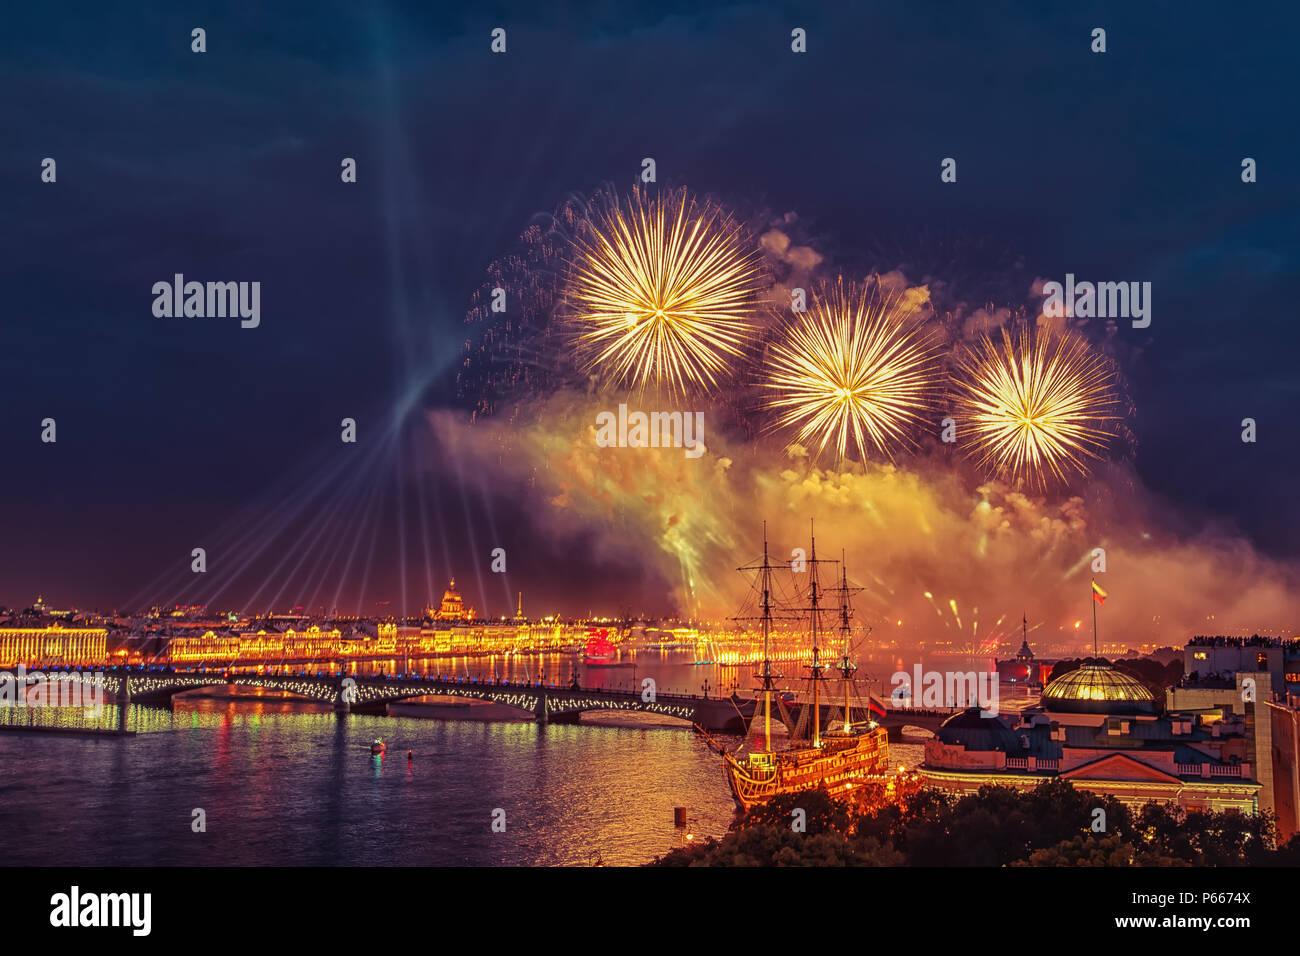 Festivos fuegos artificiales en San Petersburgo. Velas escarlata fiesta en San Petersburgo. Imagen De Stock